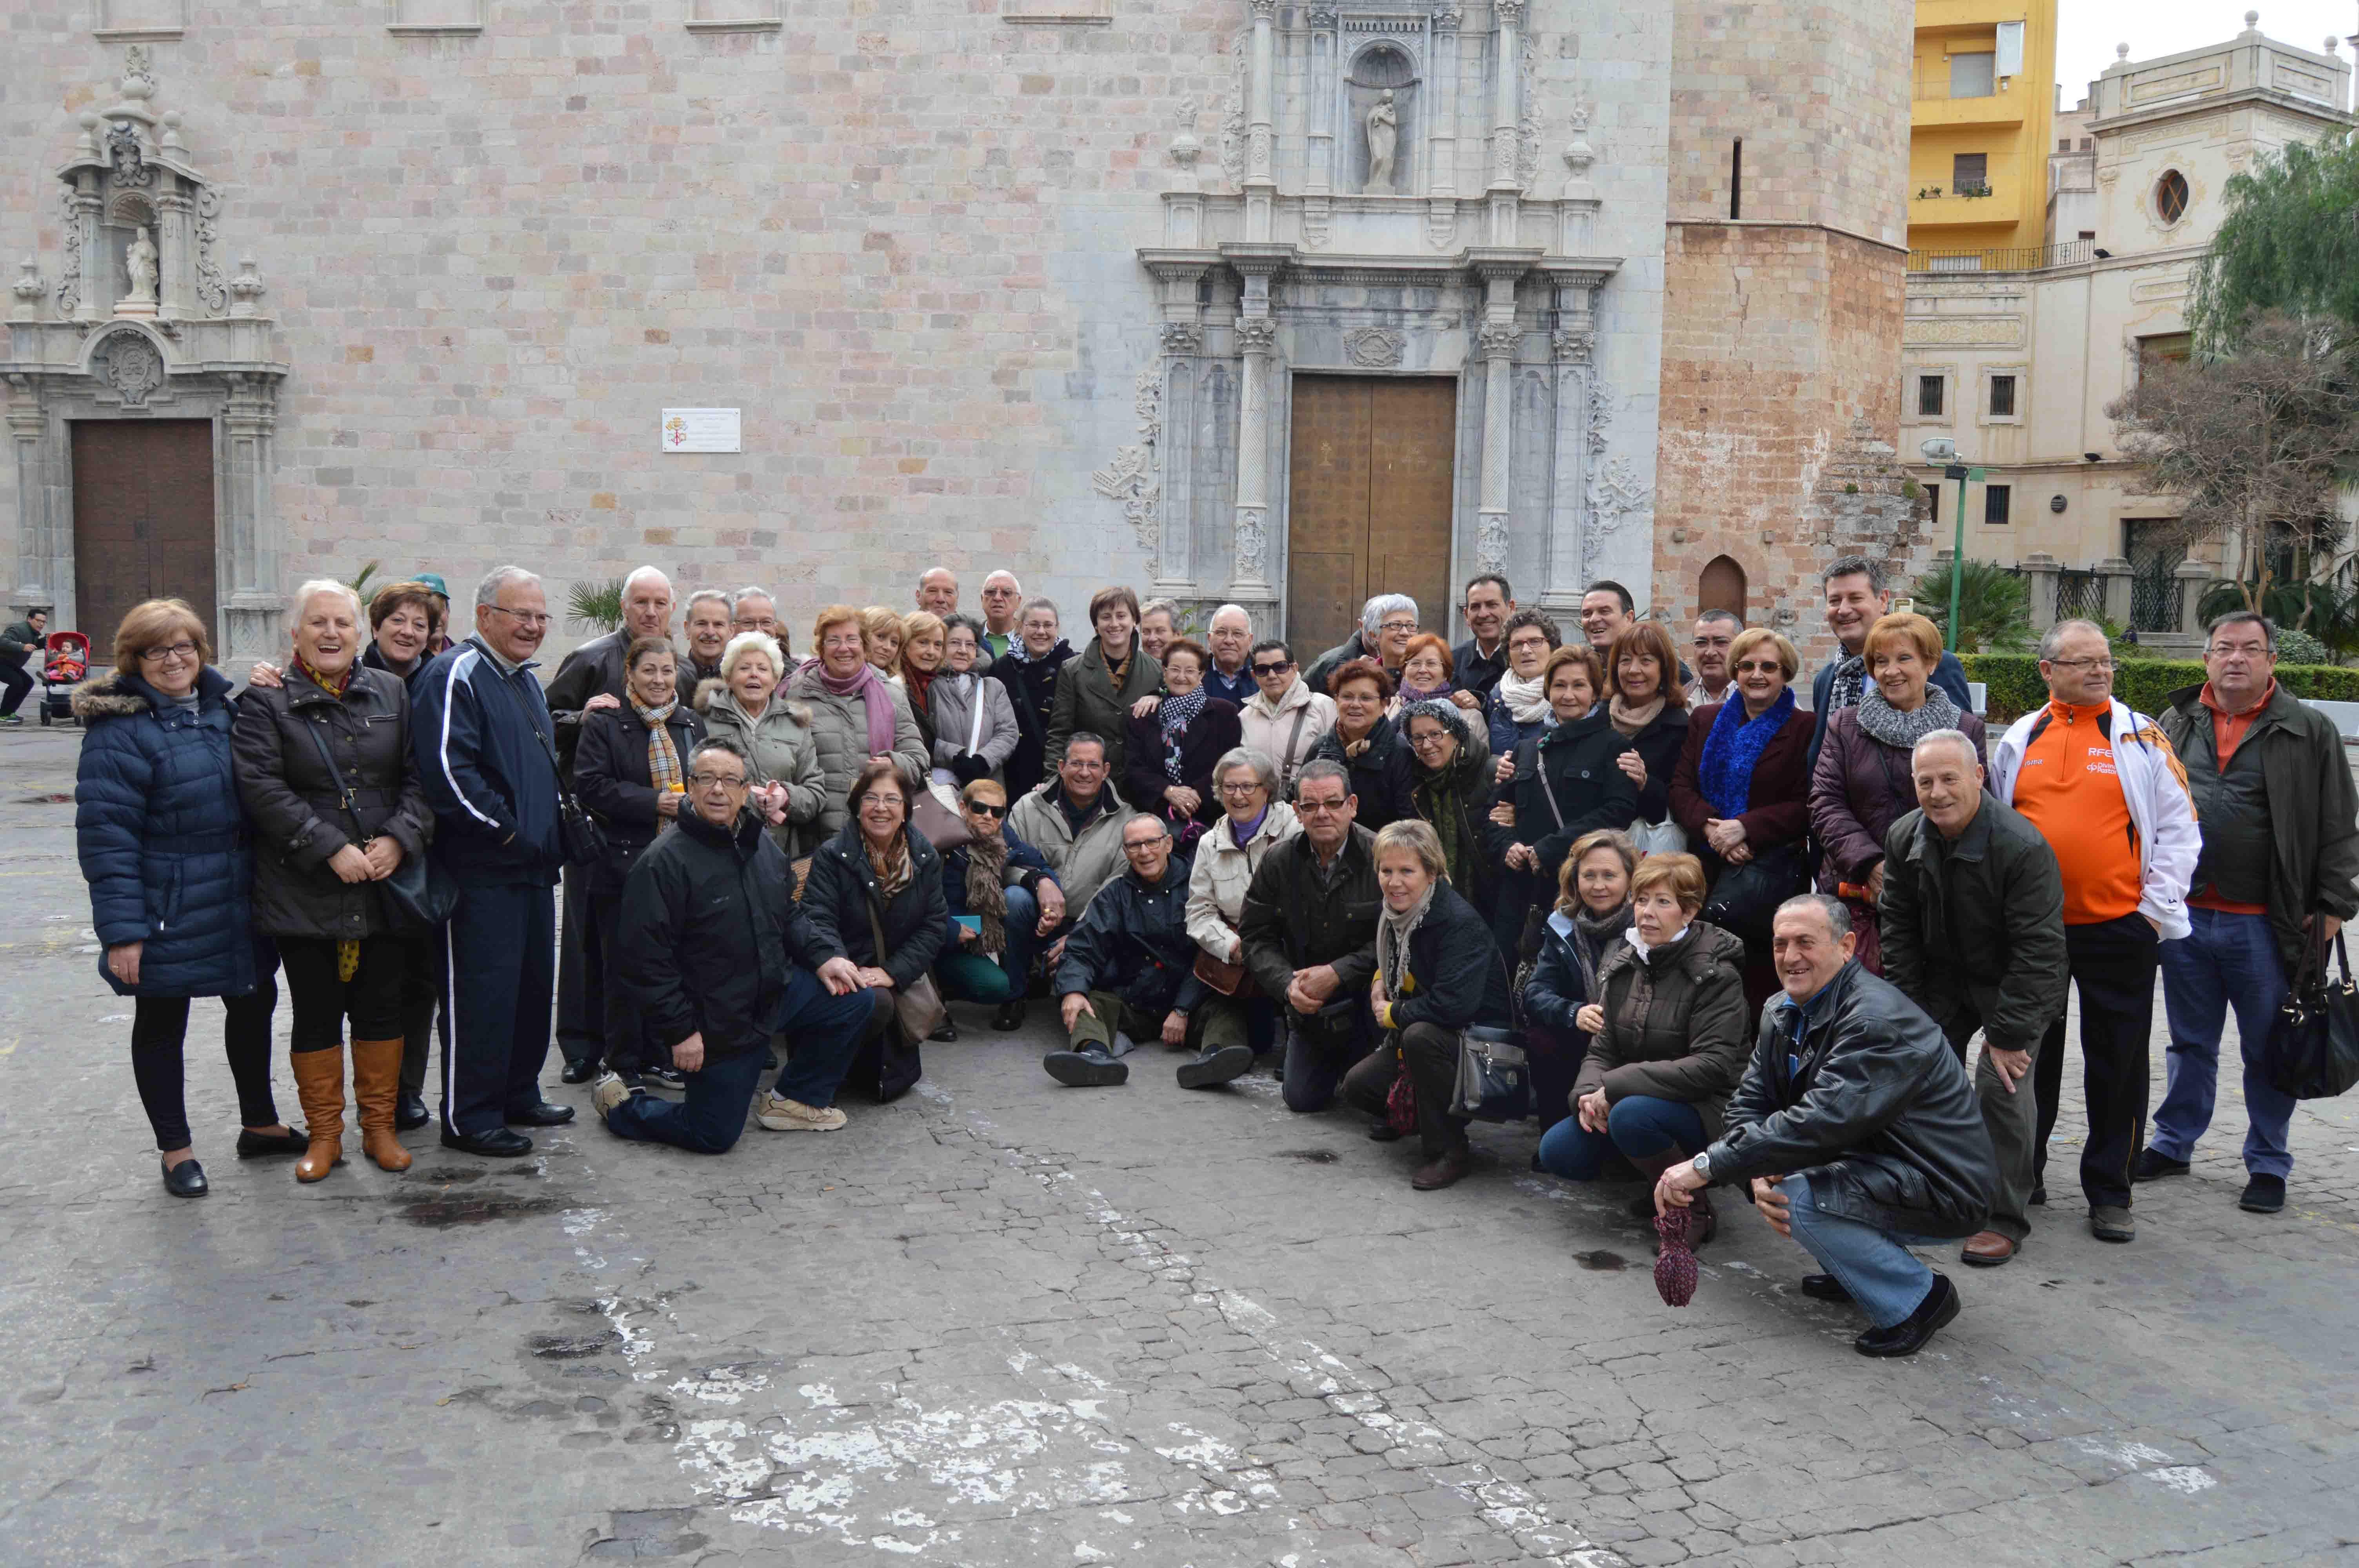 Los mayores de Benetússer visitan Burriana